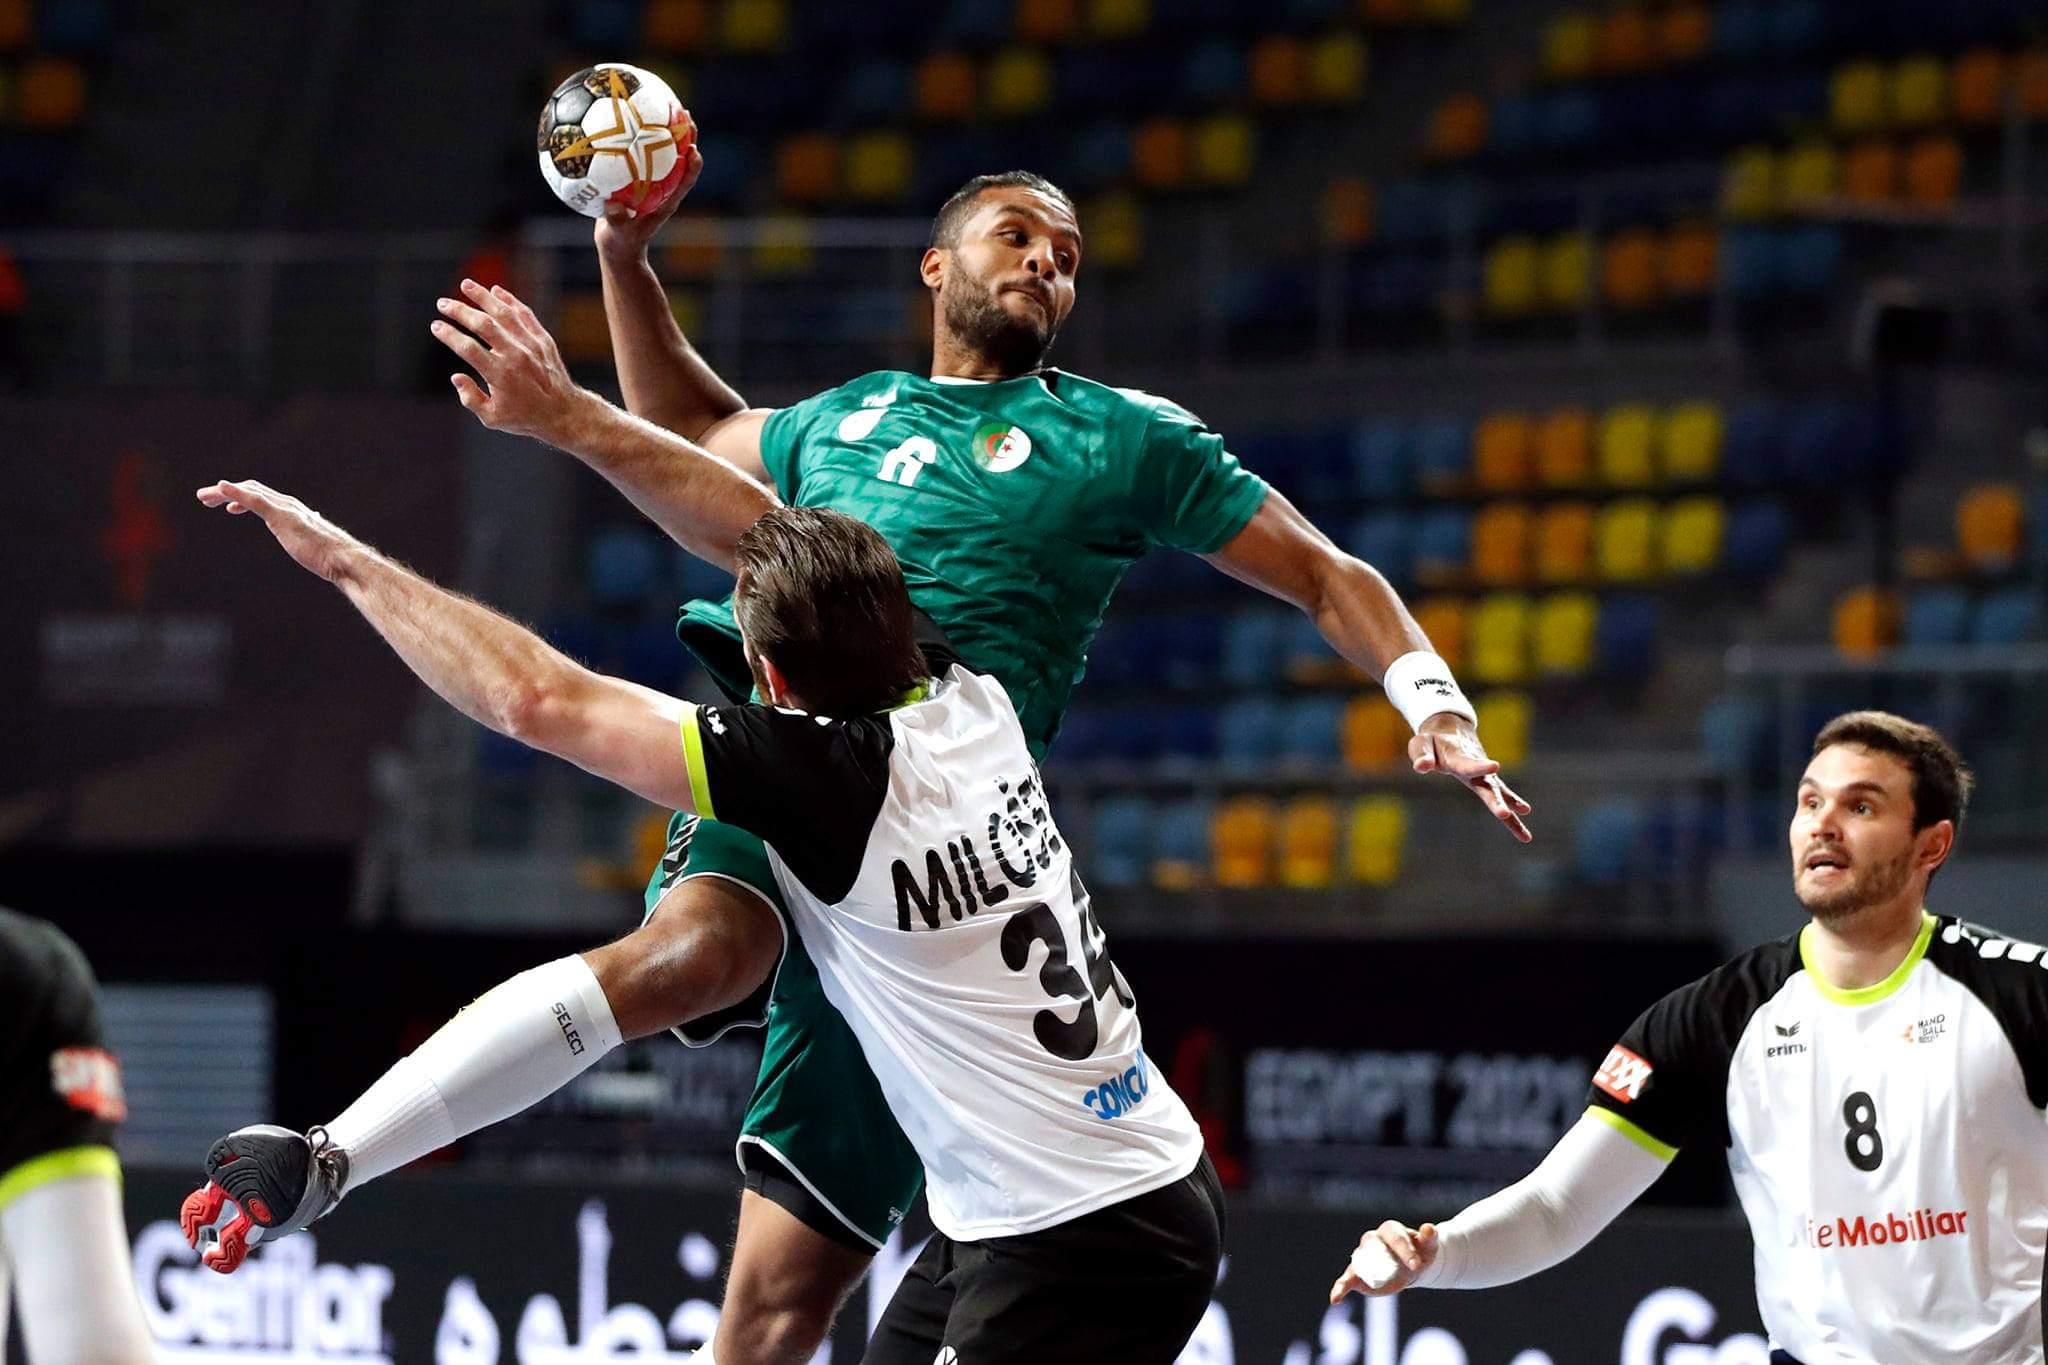 بطولة العالم لكرة اليد: منتخب الجزائر ينهزم أمام سويسرا (24-27)